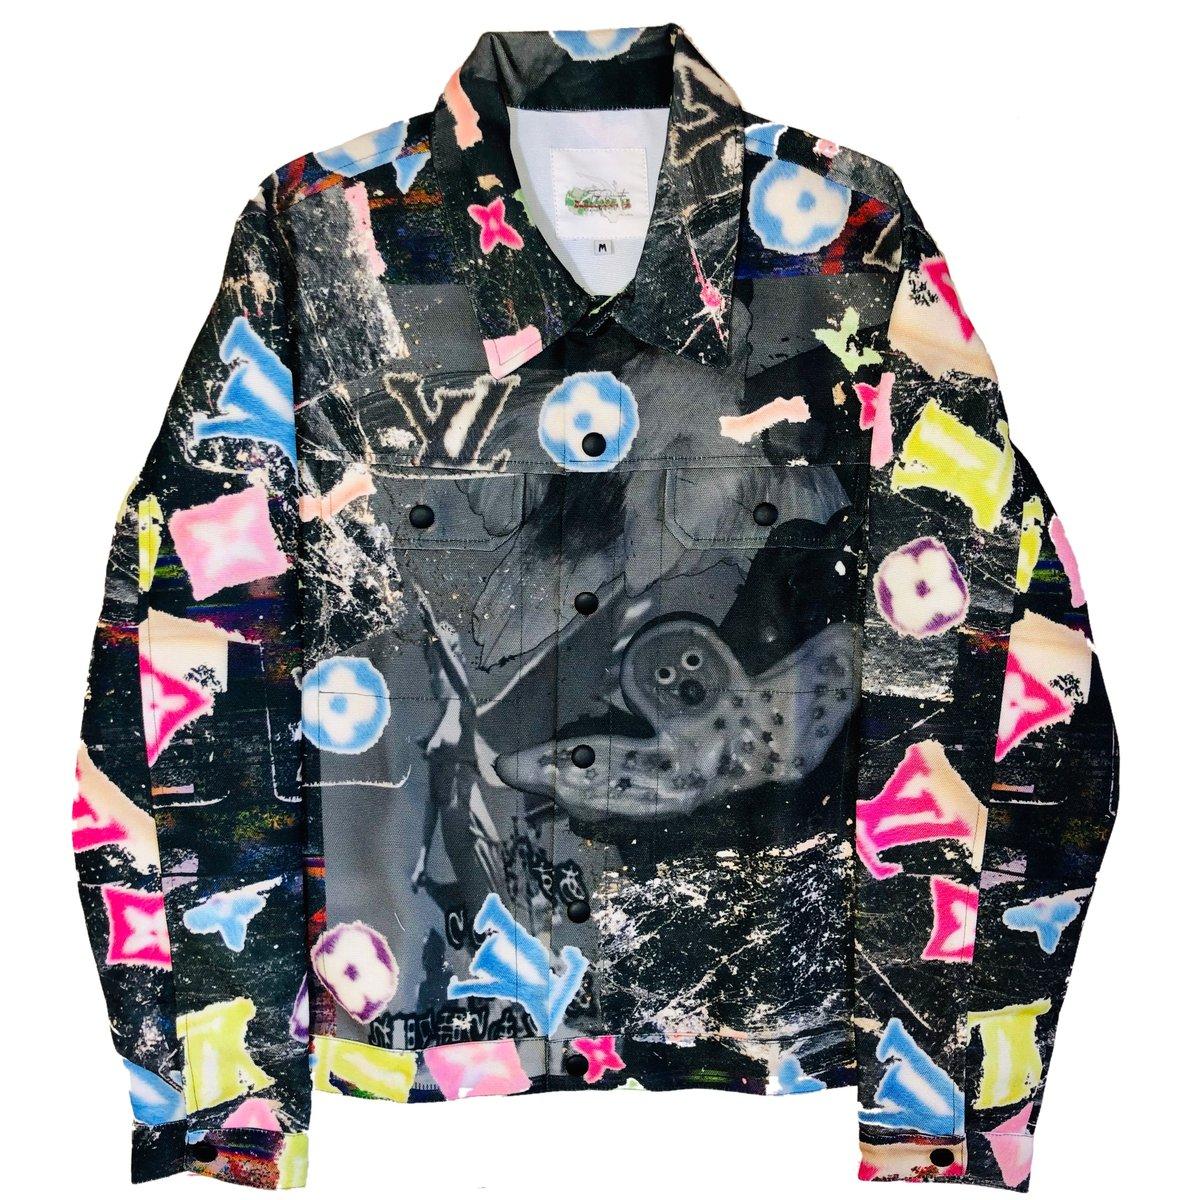 Image of Black Angel Hands Jacket